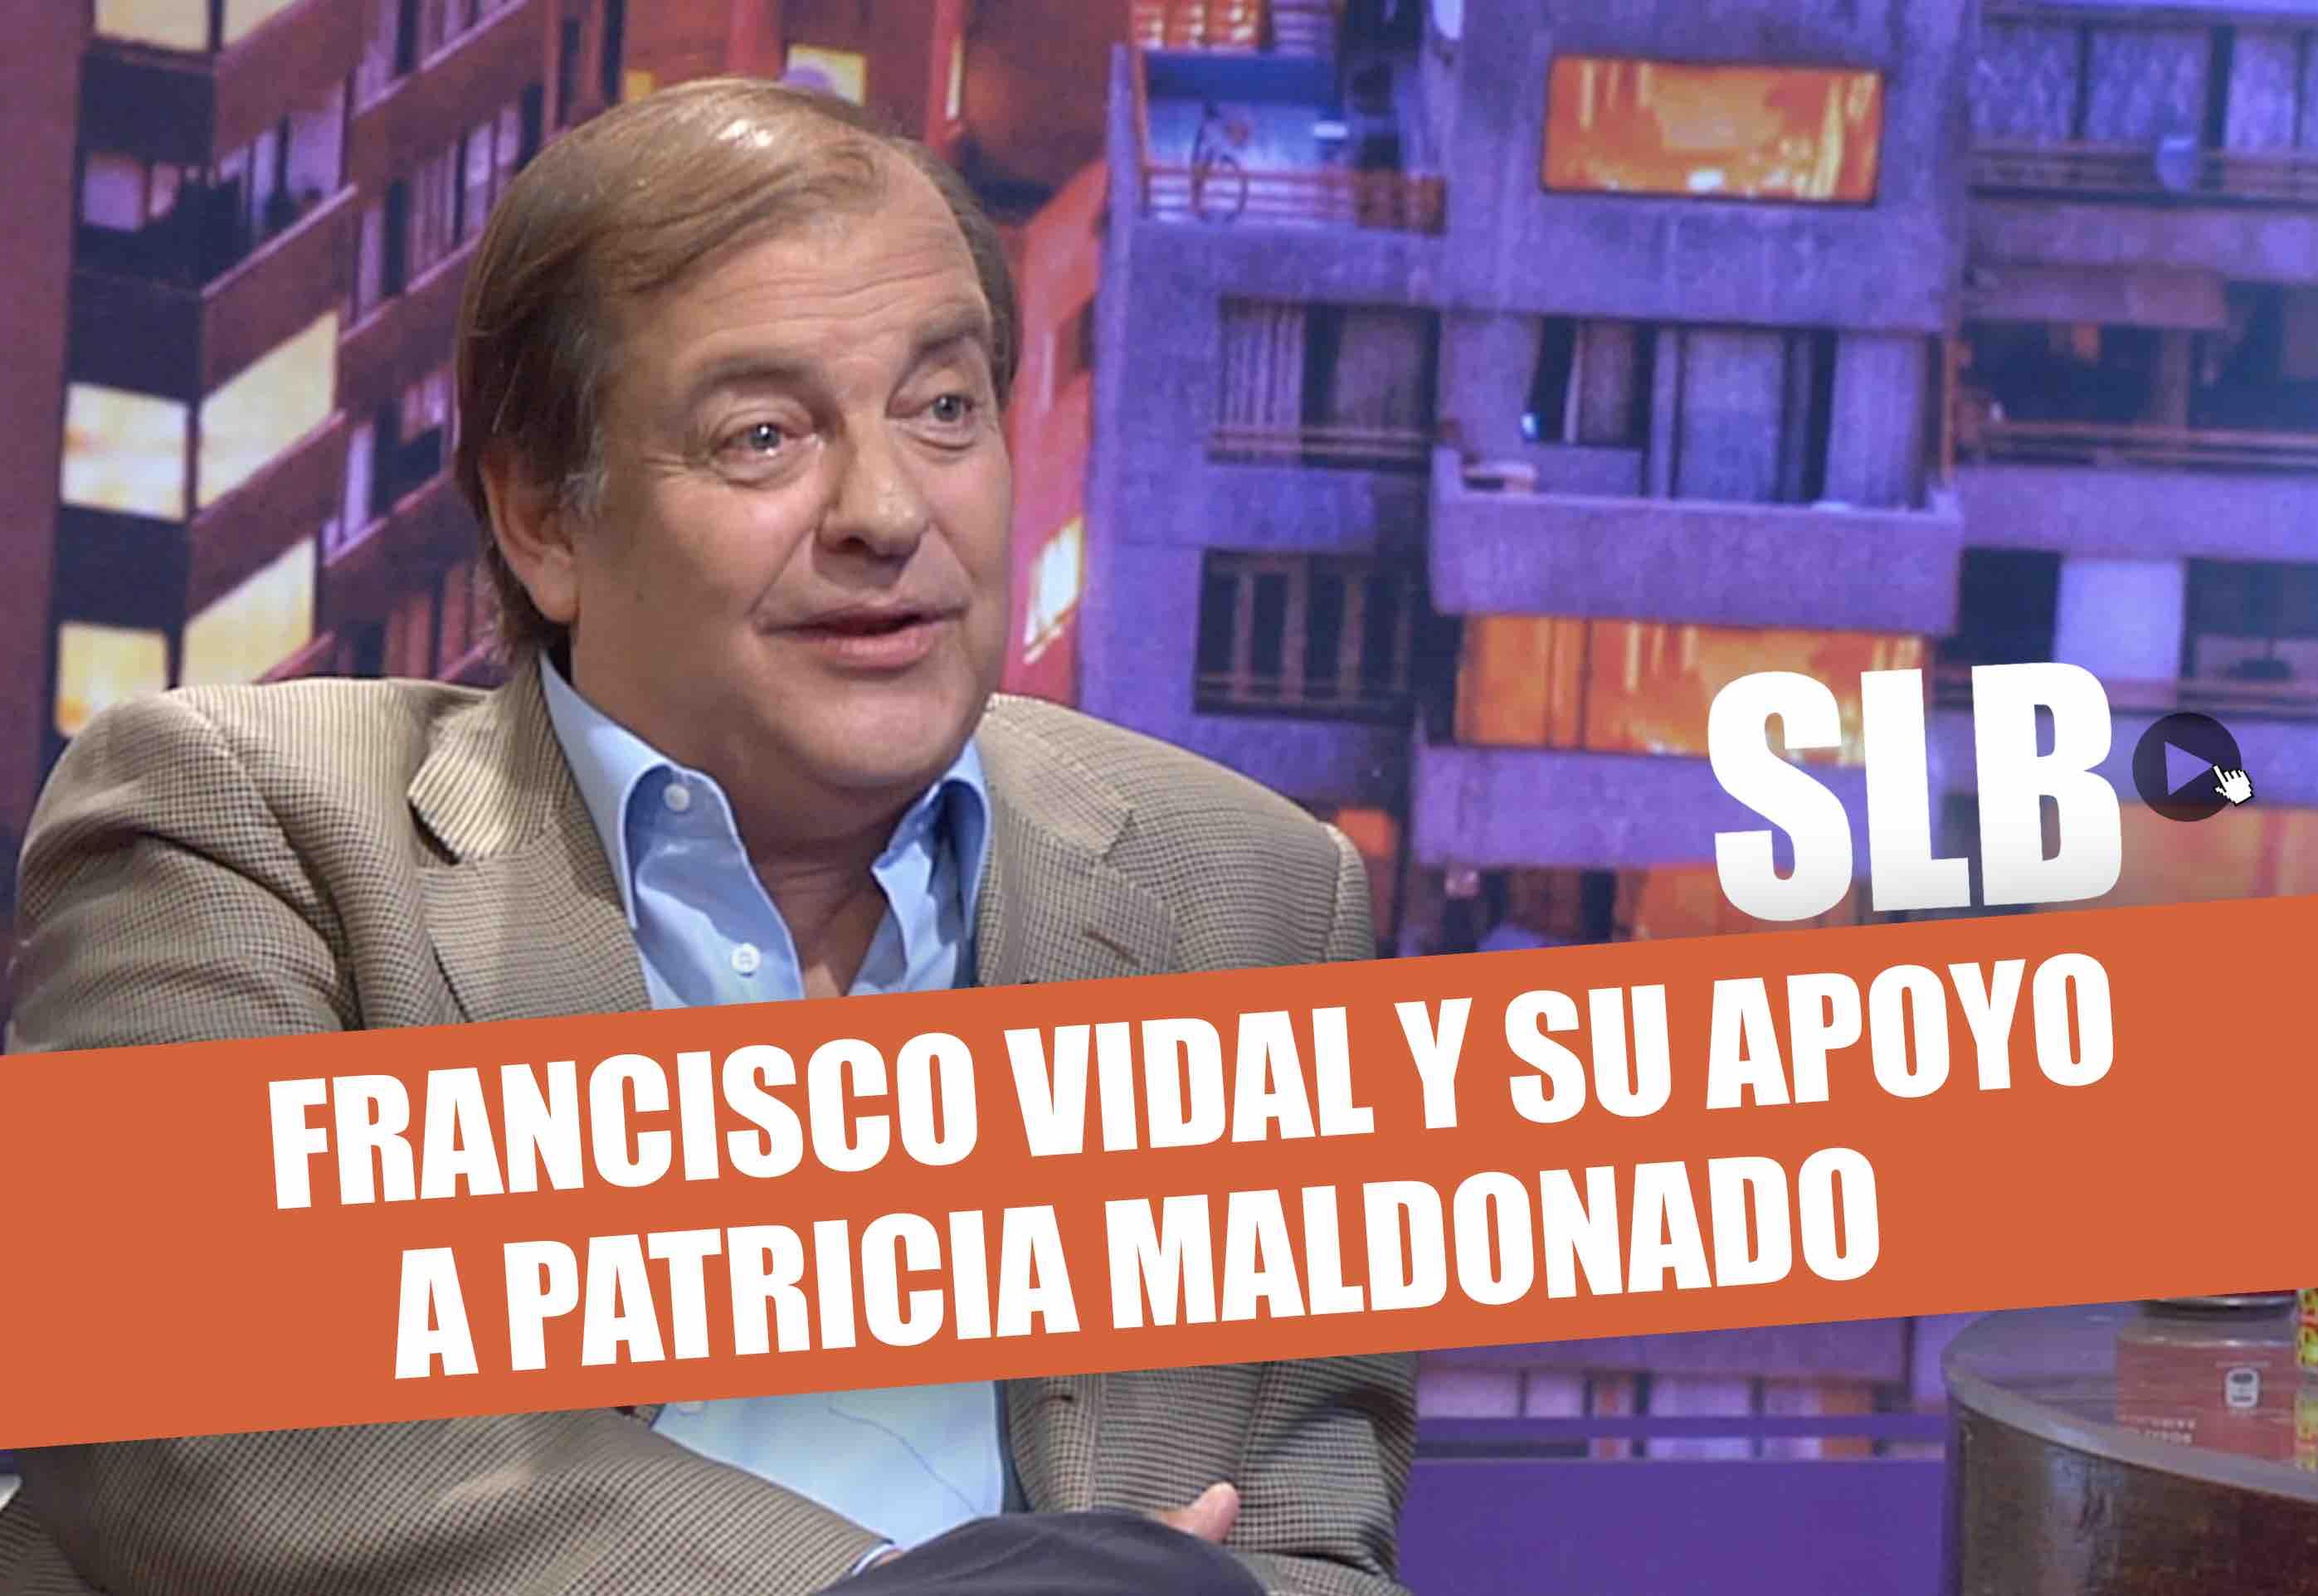 SLB. Francisco Vidal respalda a Patricia Maldonado